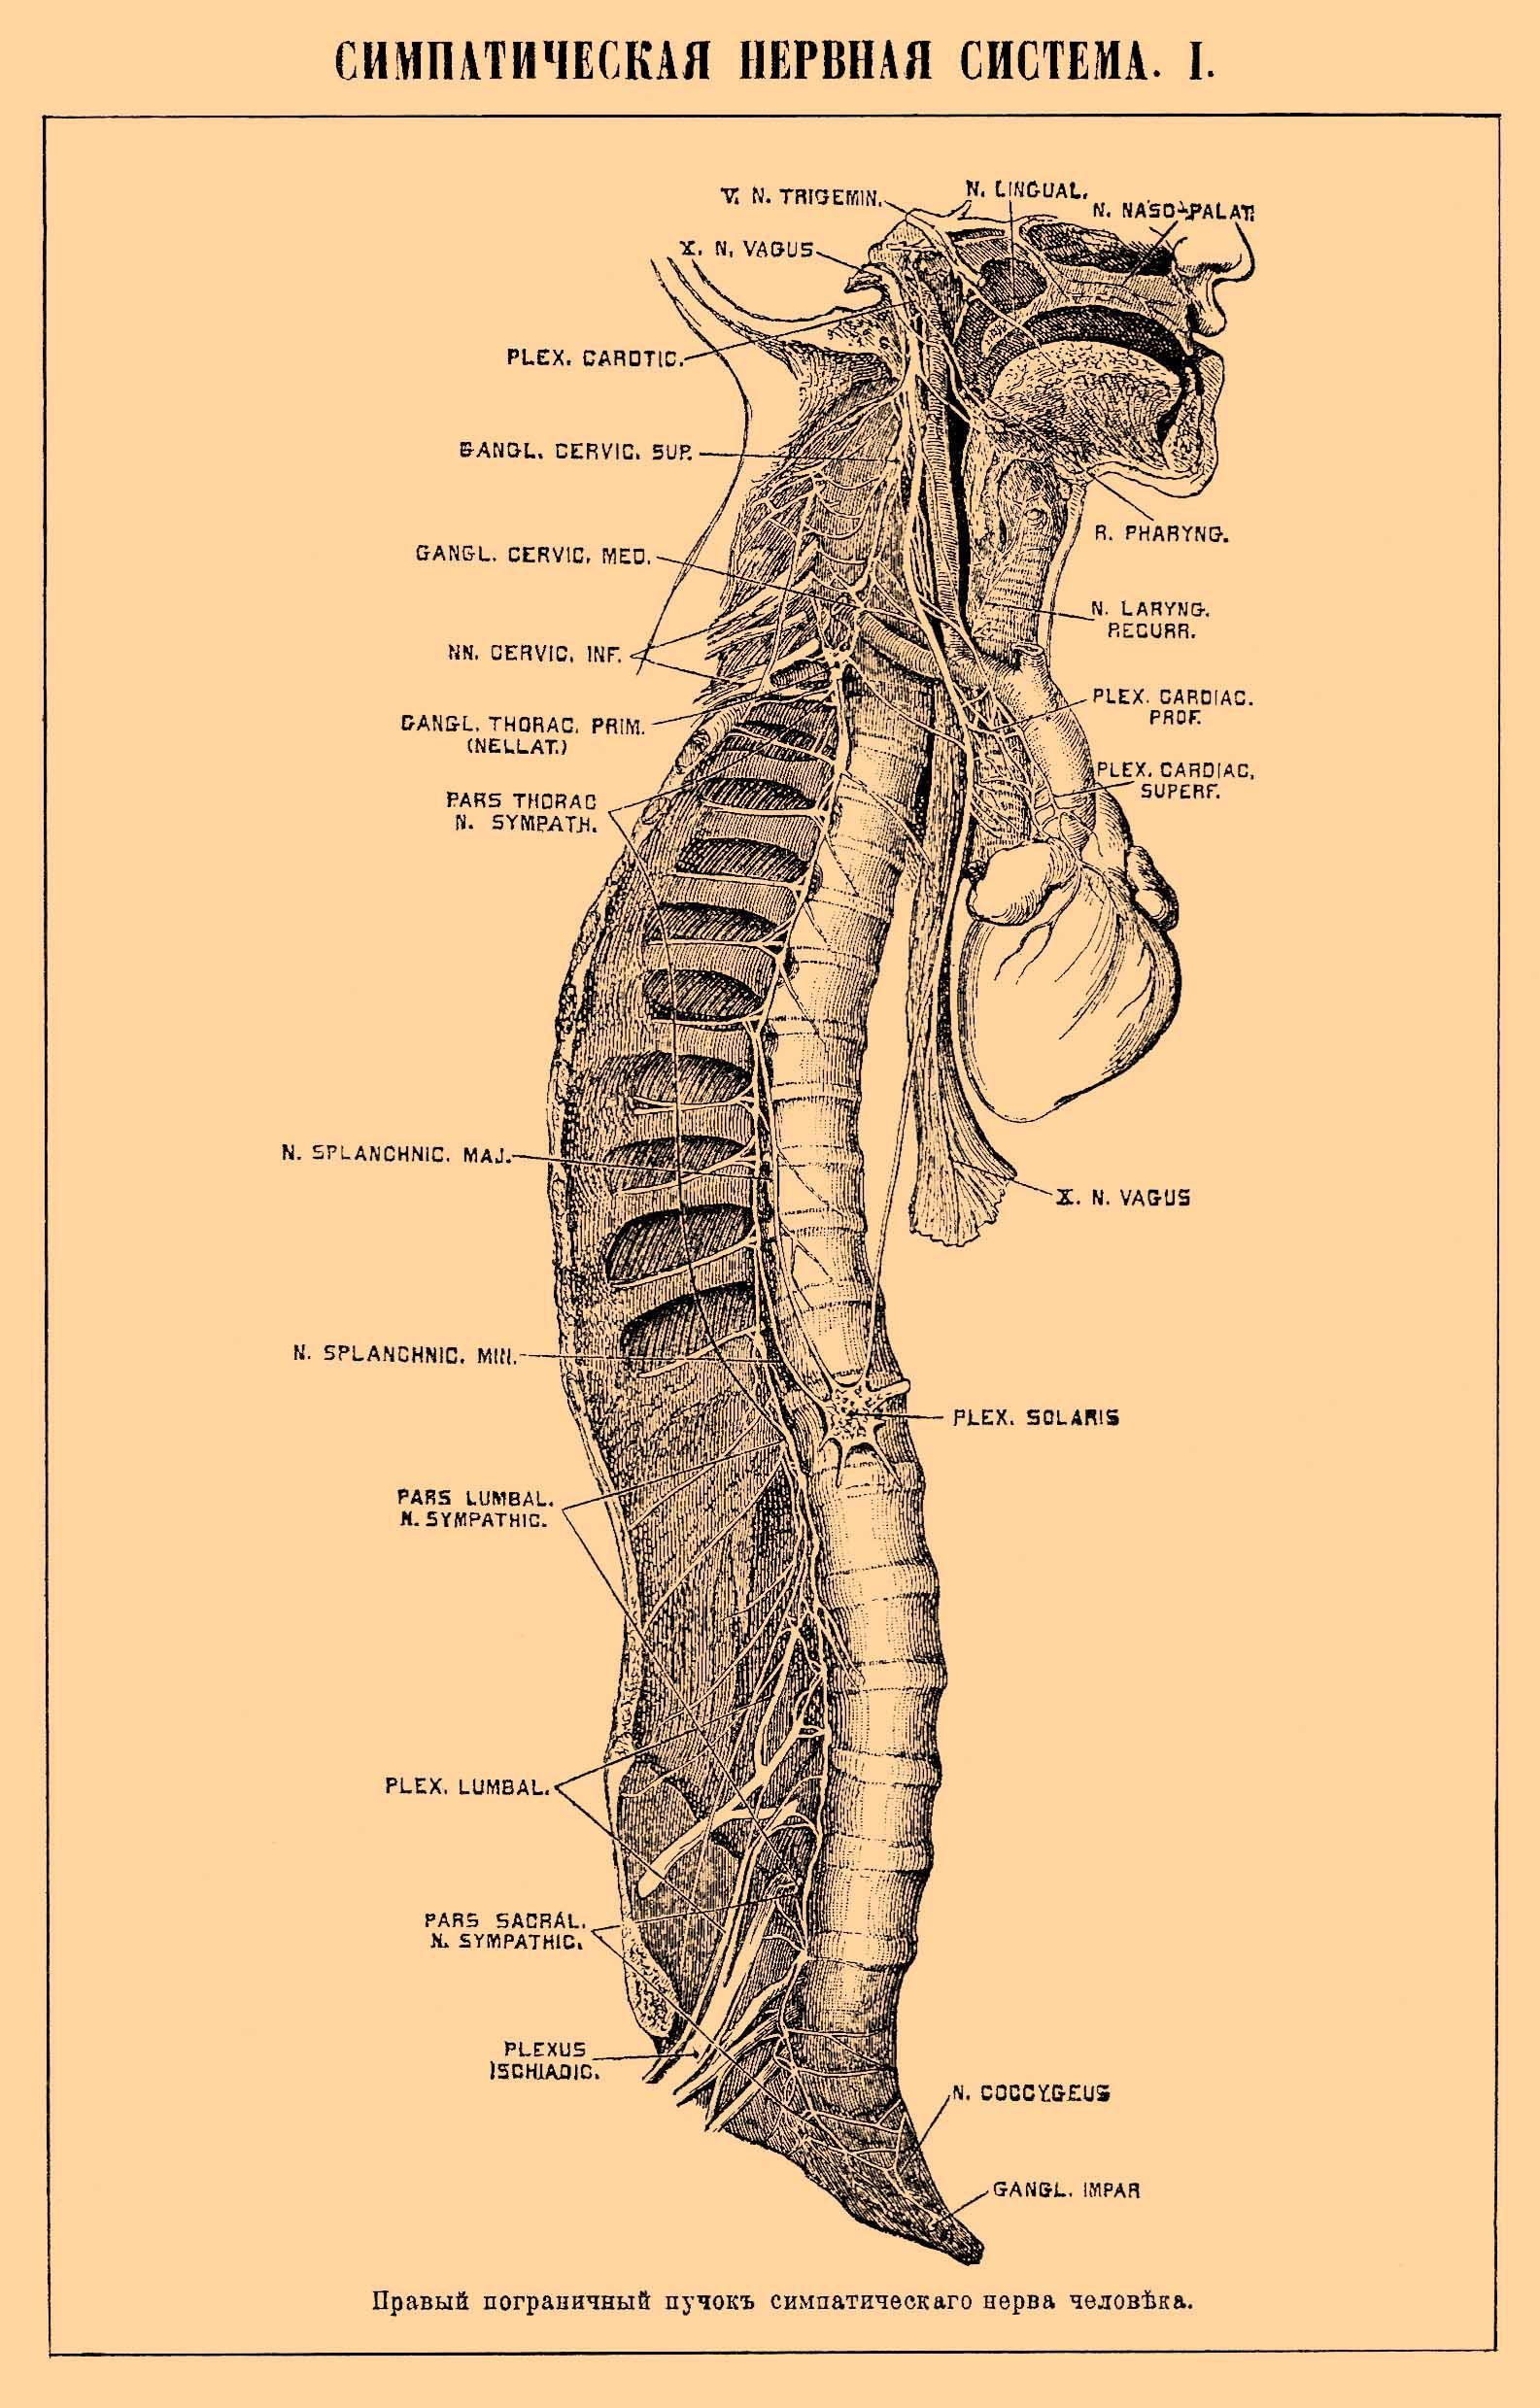 Схема нервного ствола